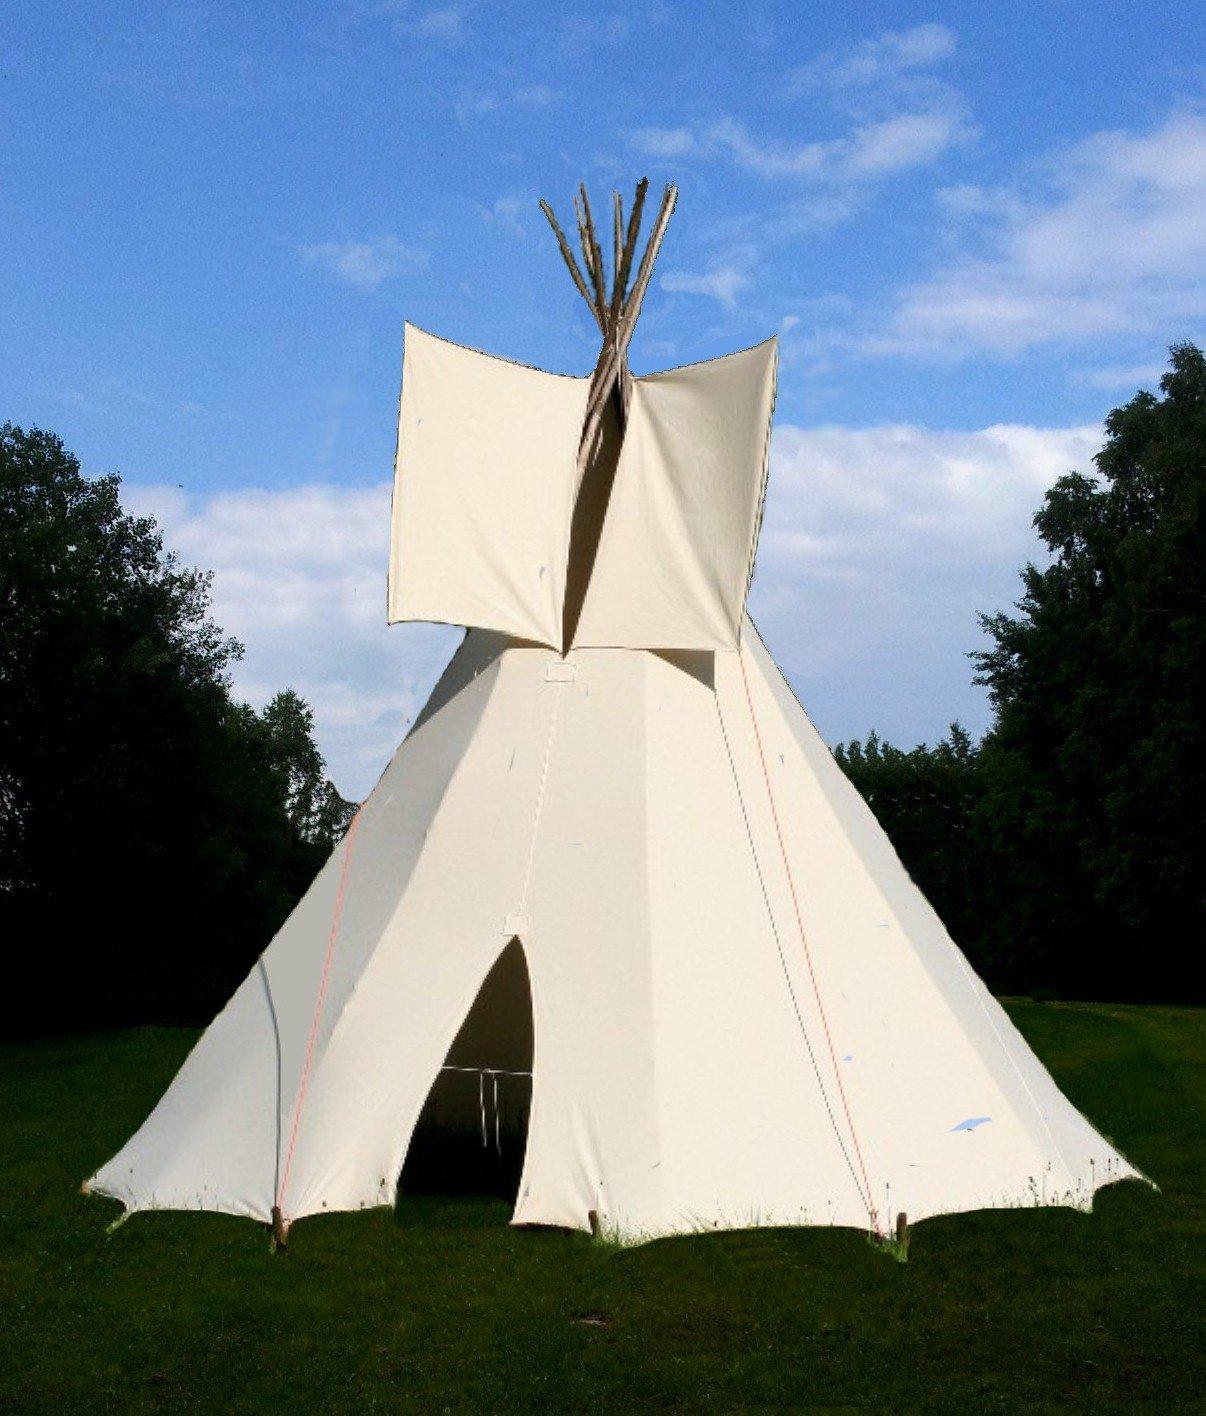 Ø 3m Tipi Indianerzelt Wigwam Indianer Zelt Sioux Style: Amazon.de ...